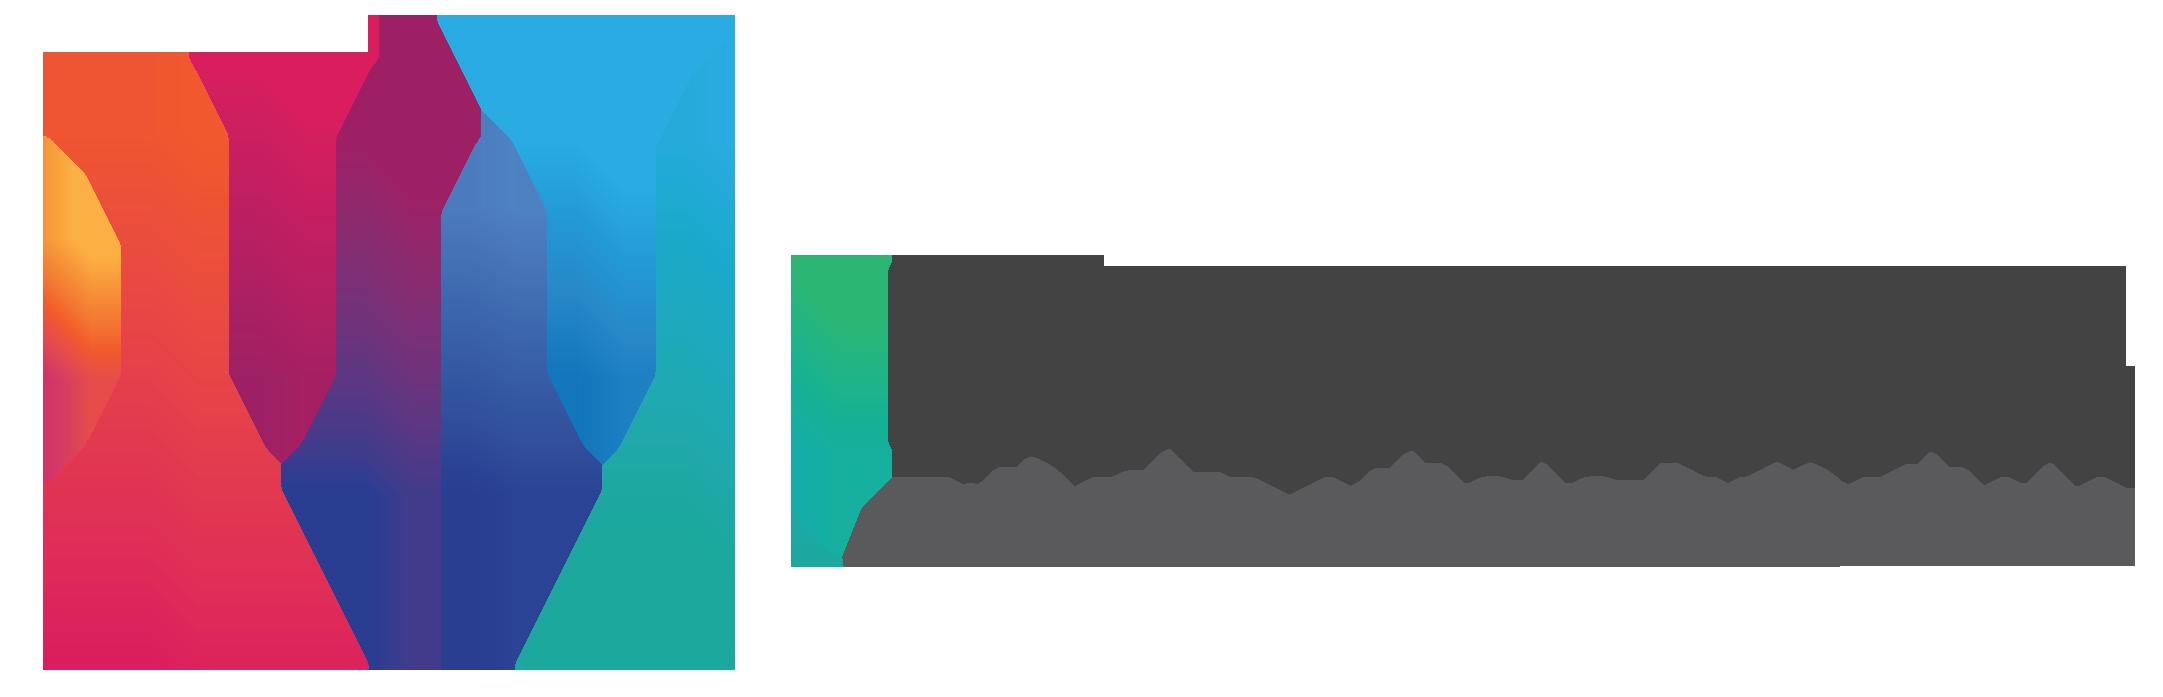 Merak World music fest